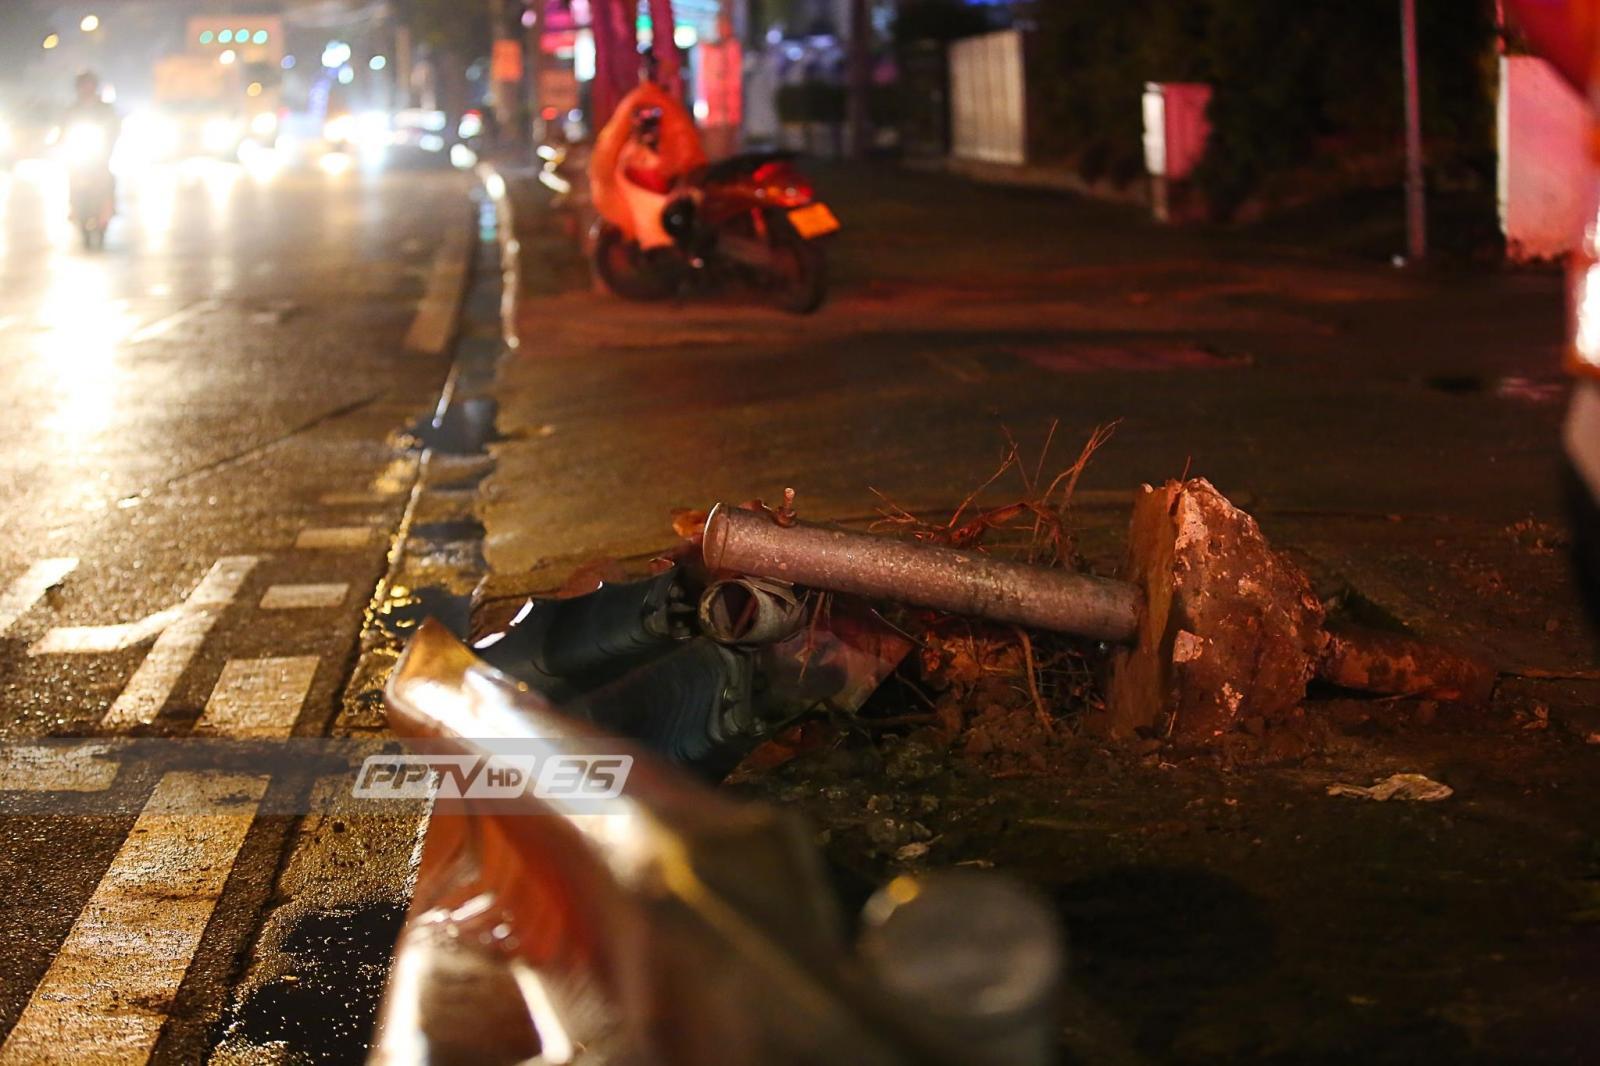 ถนนลื่น! รถกระบะชนฟุตบาทหงายท้อง หน้า ซ.รัชดา36 โชคดีไร้ผู้บาดเจ็บ